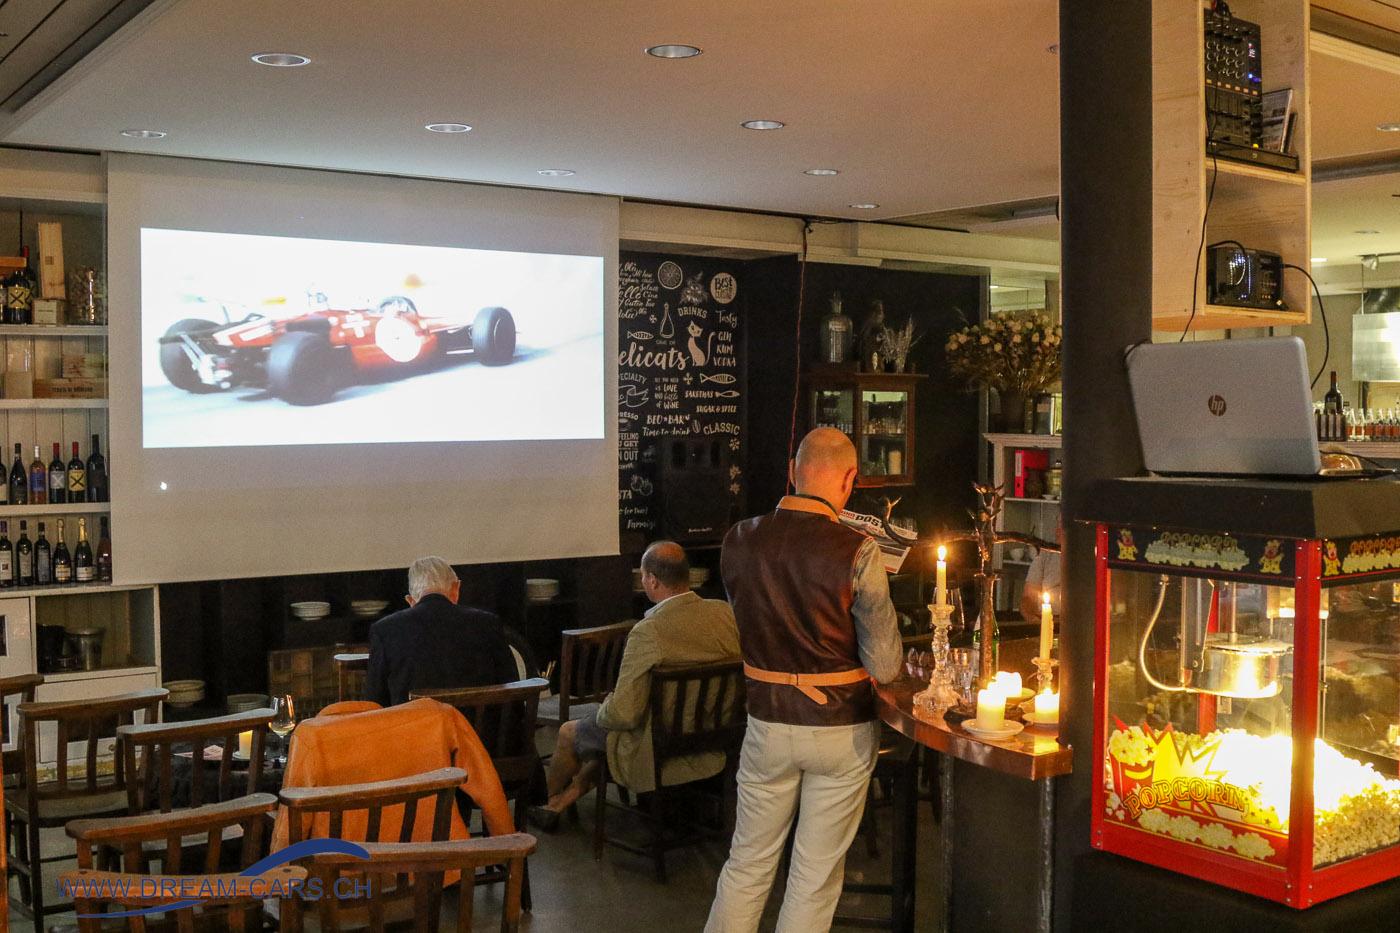 Im Faoro in St. Moritz wurden in der Woche vor dem BERNINA GRAN TURISMO im kleinen Rahmen interessante Filme gezeigt.